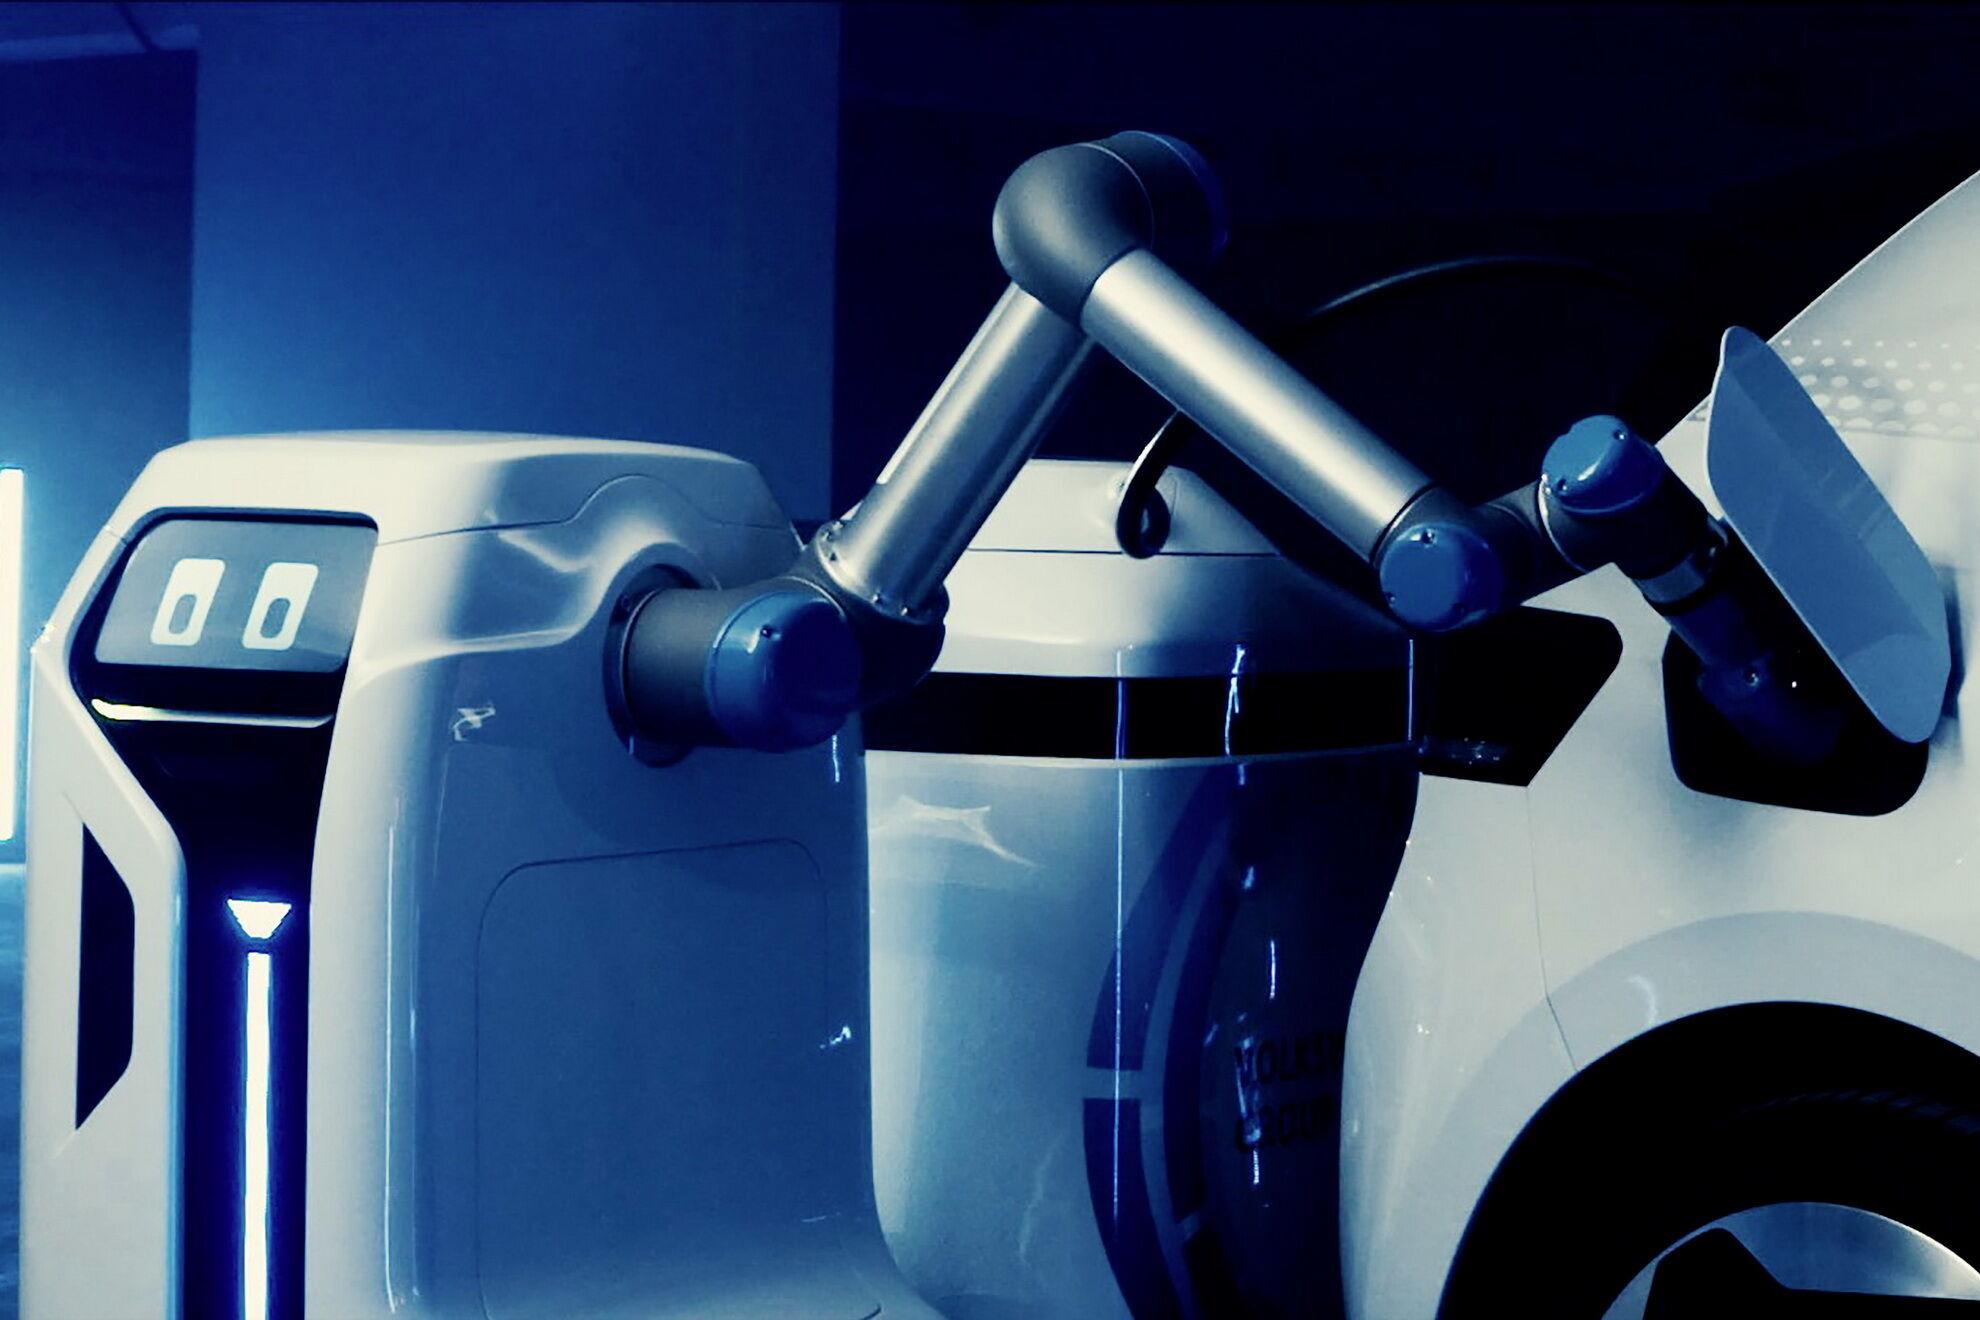 Робота можно включить через приложение или с помощью связи Car-to-X